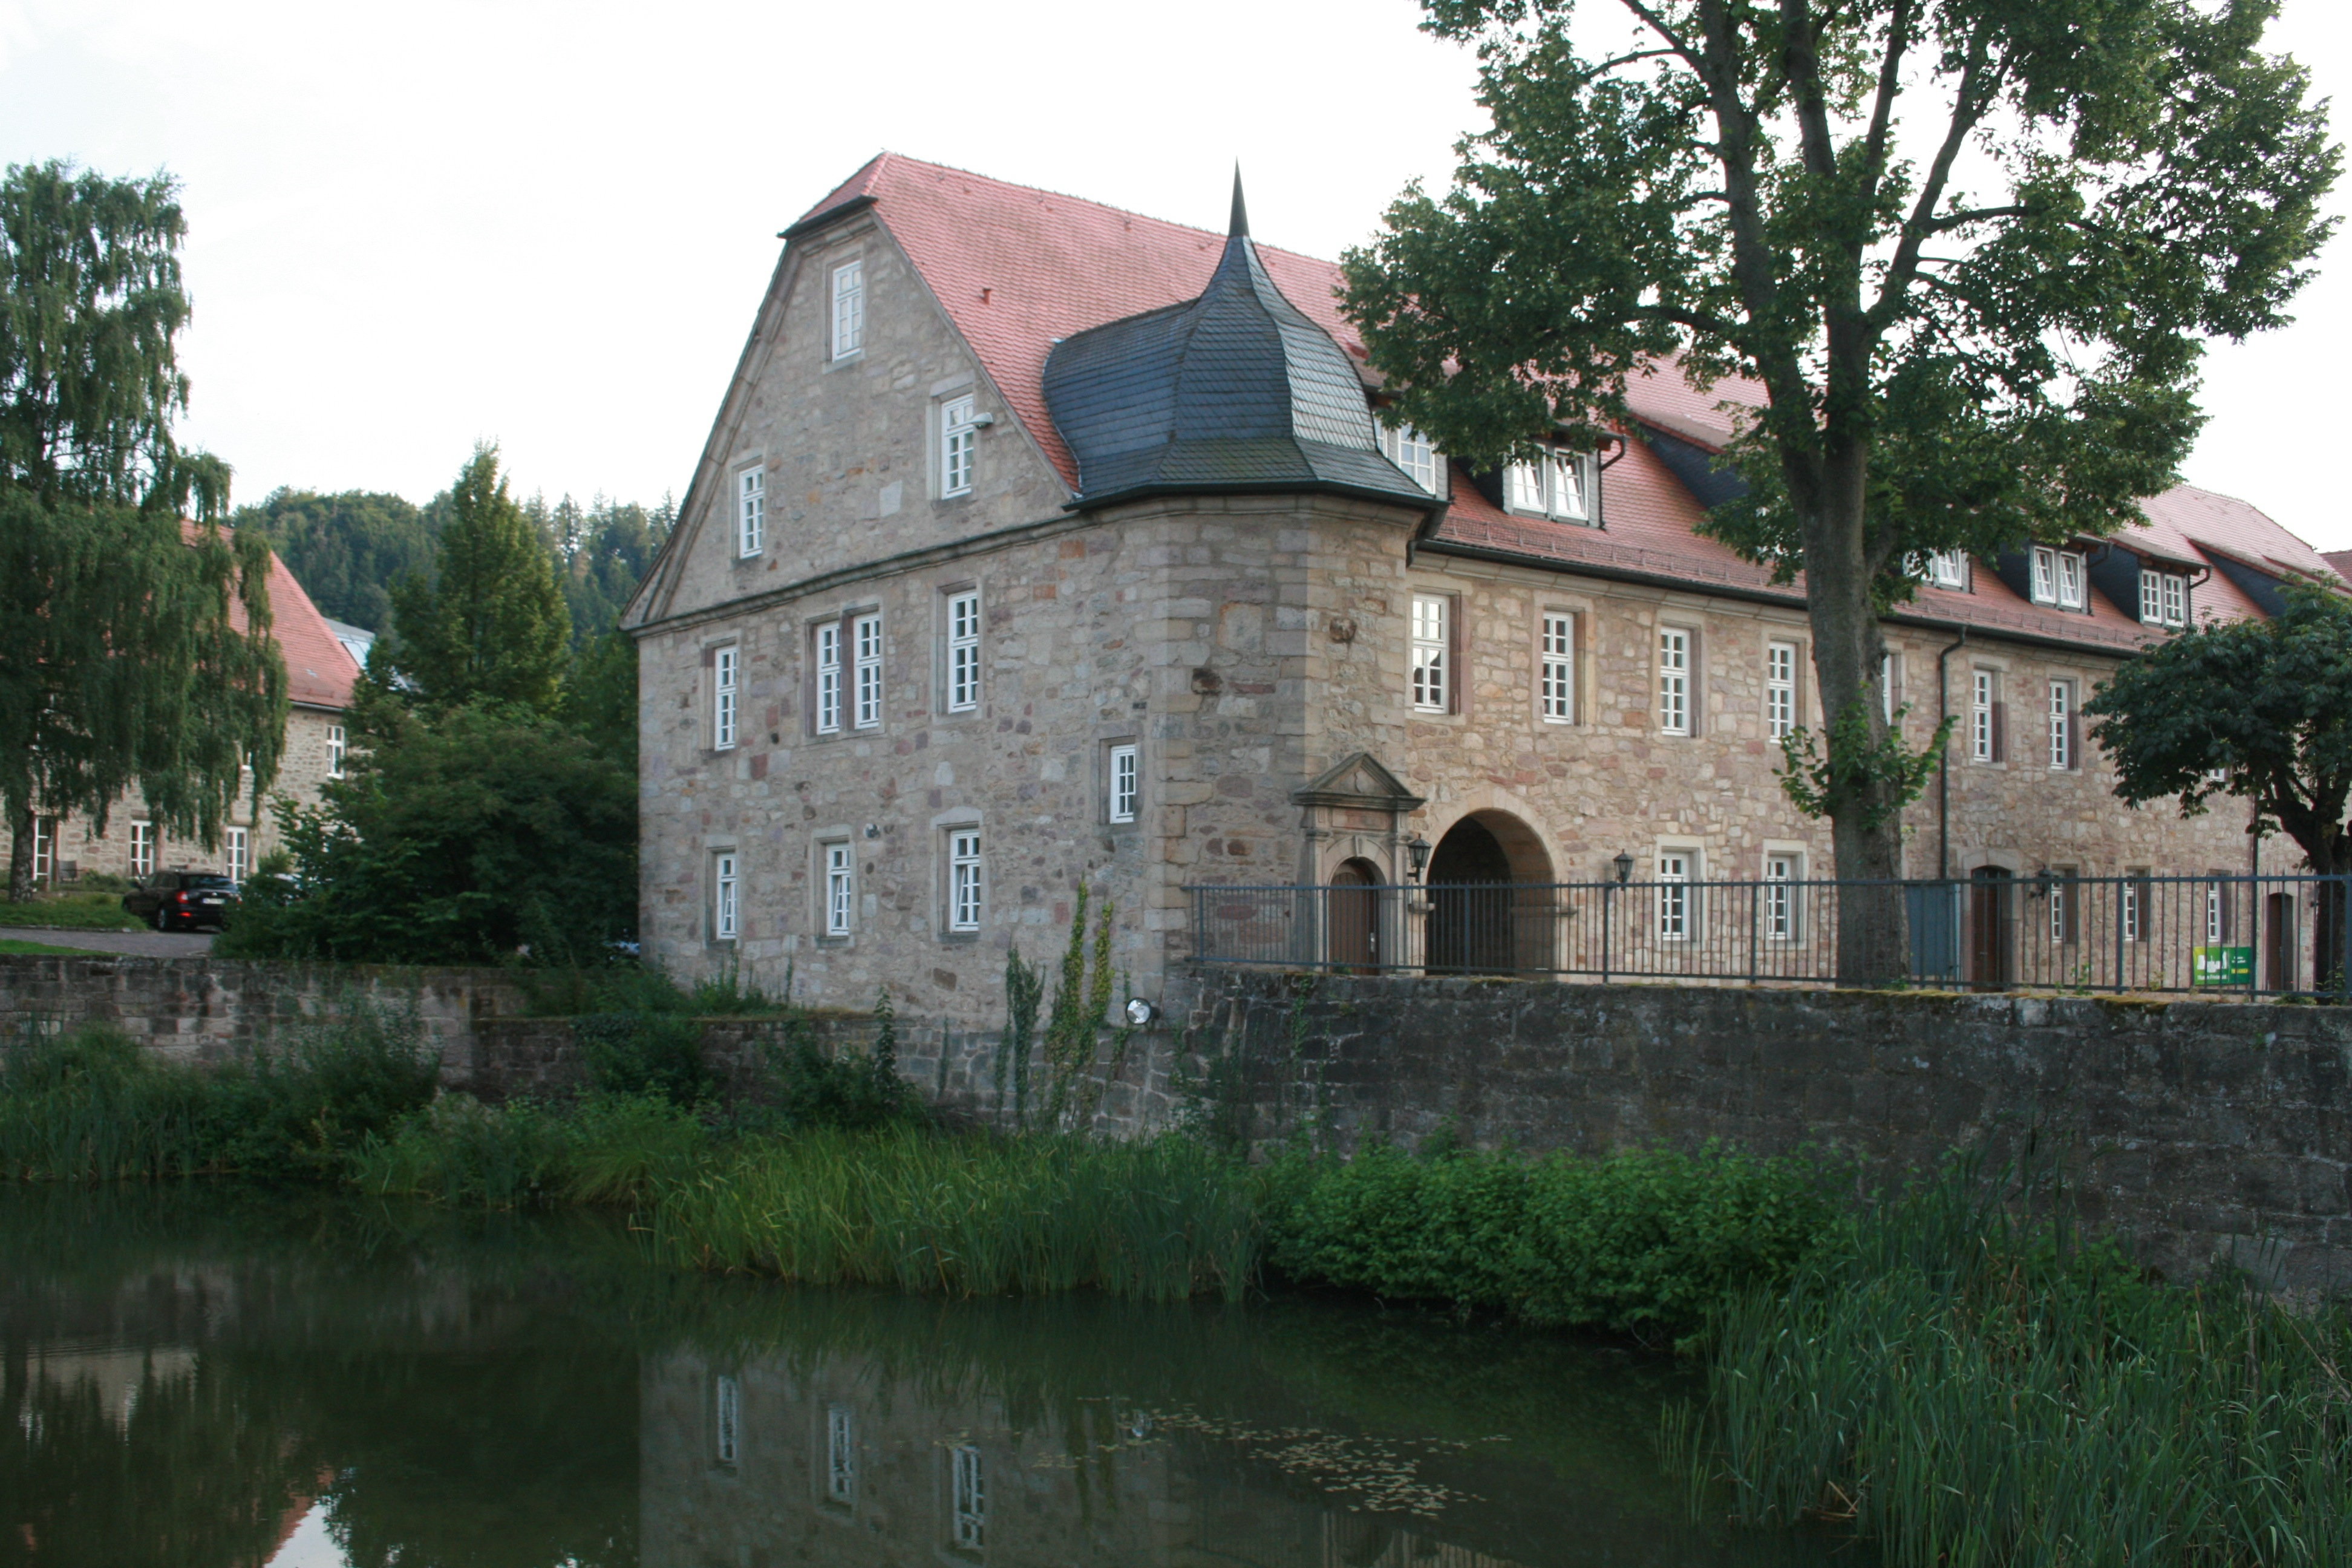 Göbel's Schlosshotel Prinz von Hessen